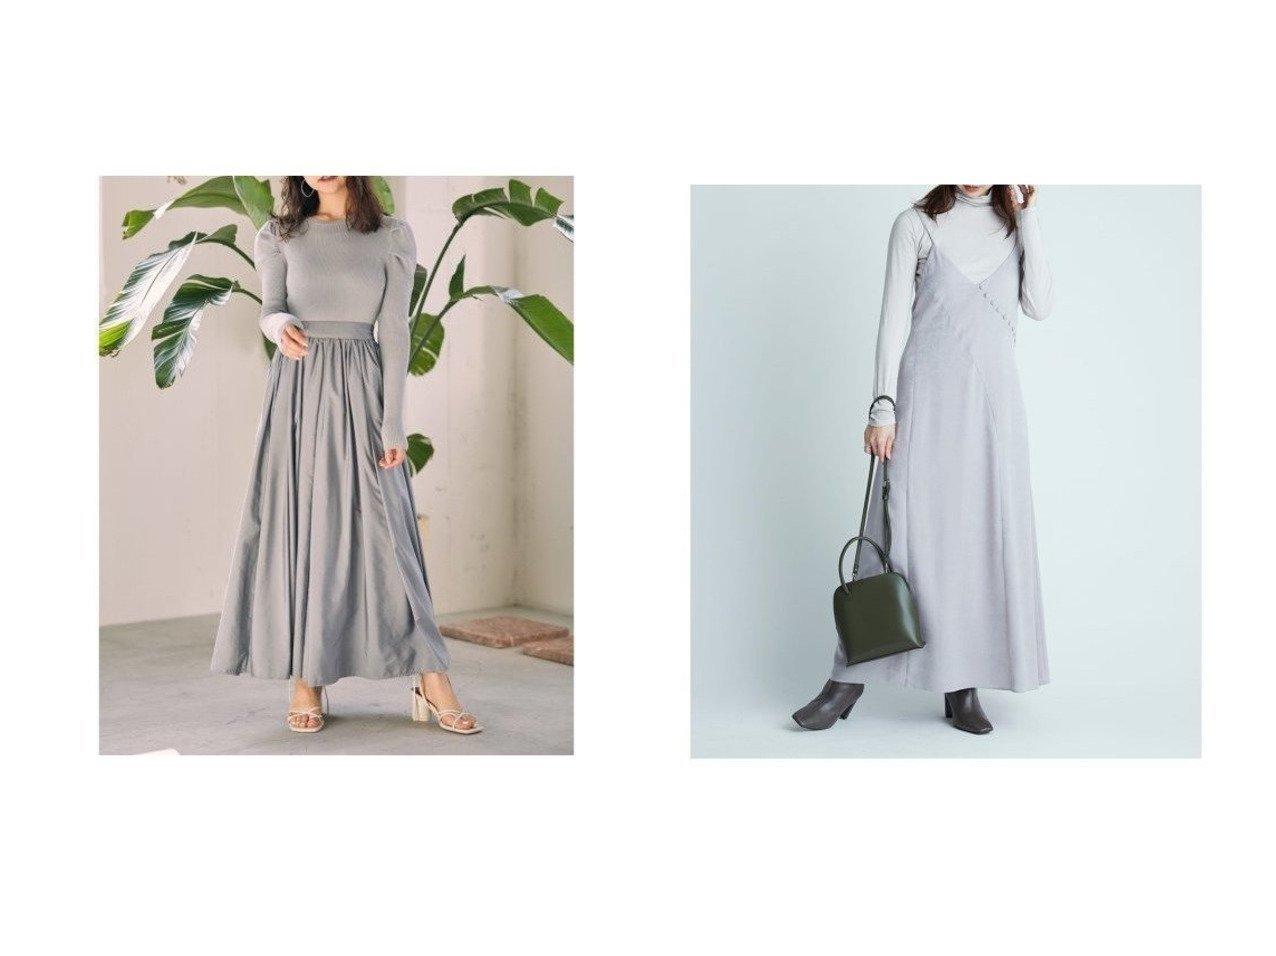 【FRAY I.D/フレイ アイディー】のカットコンビキャミワンピース&【SNIDEL/スナイデル】のパワショルニットドッキングワンピース ワンピース・ドレスのおすすめ!人気、トレンド・レディースファッションの通販 おすすめで人気の流行・トレンド、ファッションの通販商品 メンズファッション・キッズファッション・インテリア・家具・レディースファッション・服の通販 founy(ファニー) https://founy.com/ ファッション Fashion レディースファッション WOMEN ワンピース Dress キャミワンピース No Sleeve Dresses 今季 スマート スリーブ タフタ トレンド ドッキング 再入荷 Restock/Back in Stock/Re Arrival インナー カットソー キャミワンピース コンパクト コンビ サテン ショルダー フィット ラベンダー |ID:crp329100000014760